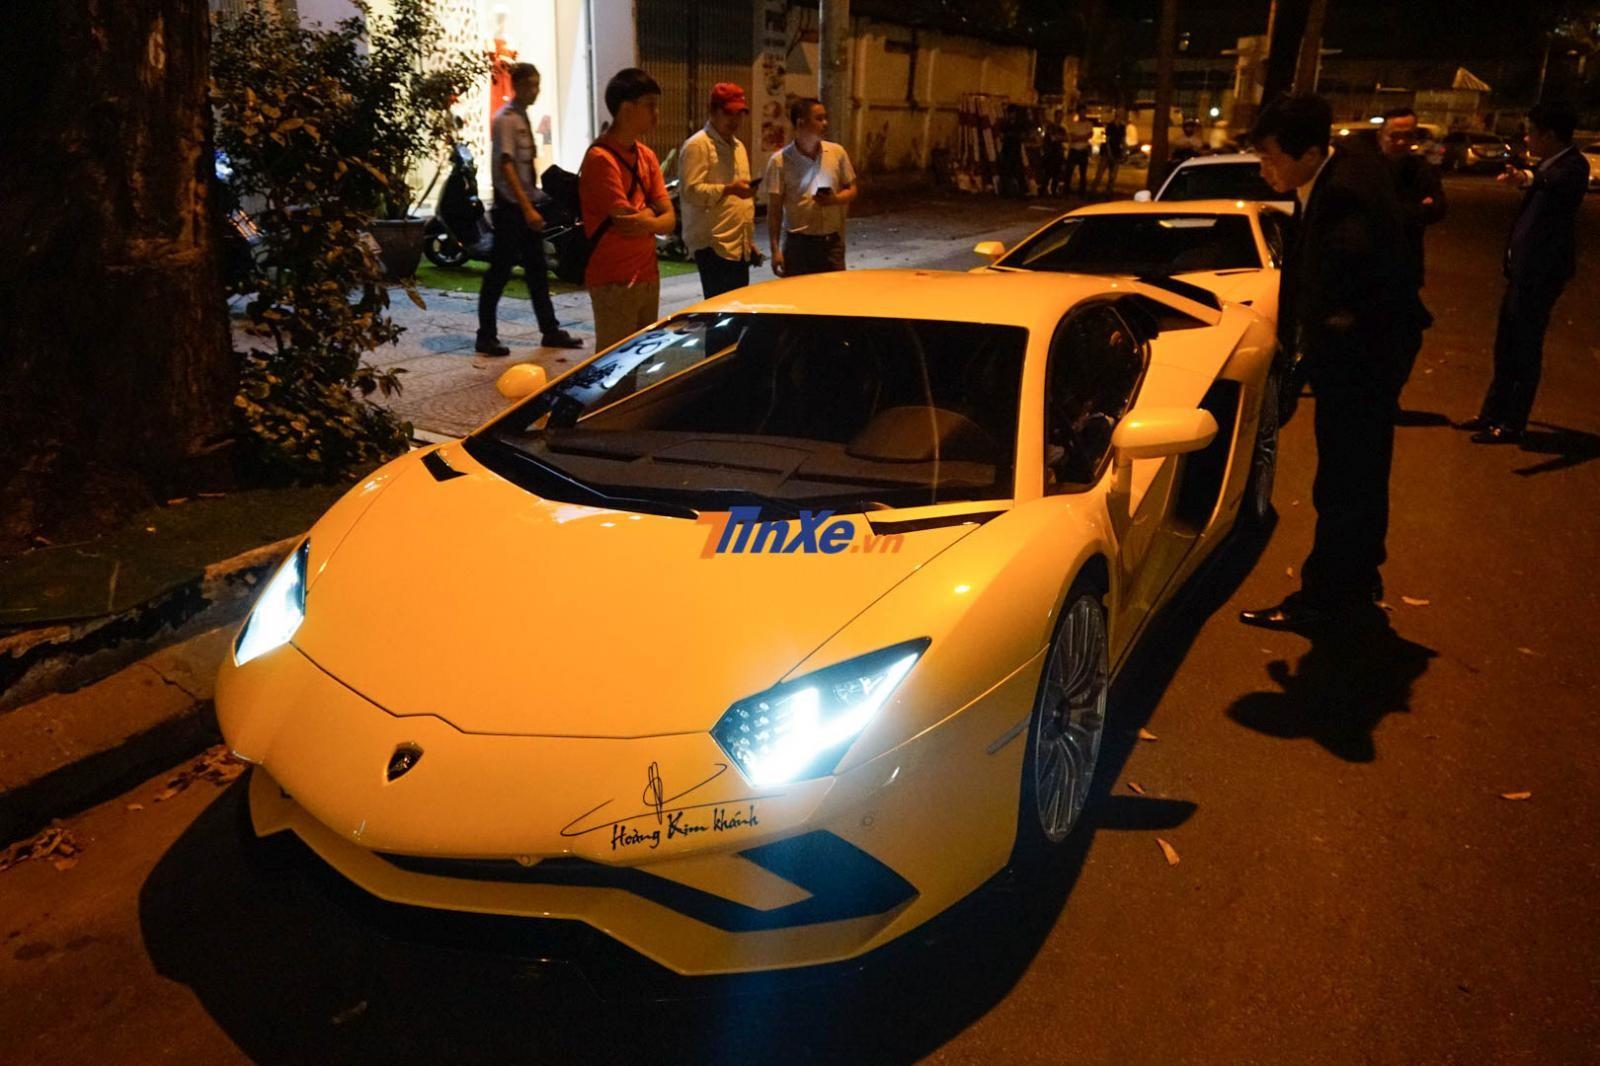 Chủ nhân mua chiếc siêu xe Aston Martin V8 Vantage chính hãng đầu tiên tại Việt Nam lái siêu xe Lamborghini Aventador S LP740-4 khi ra về